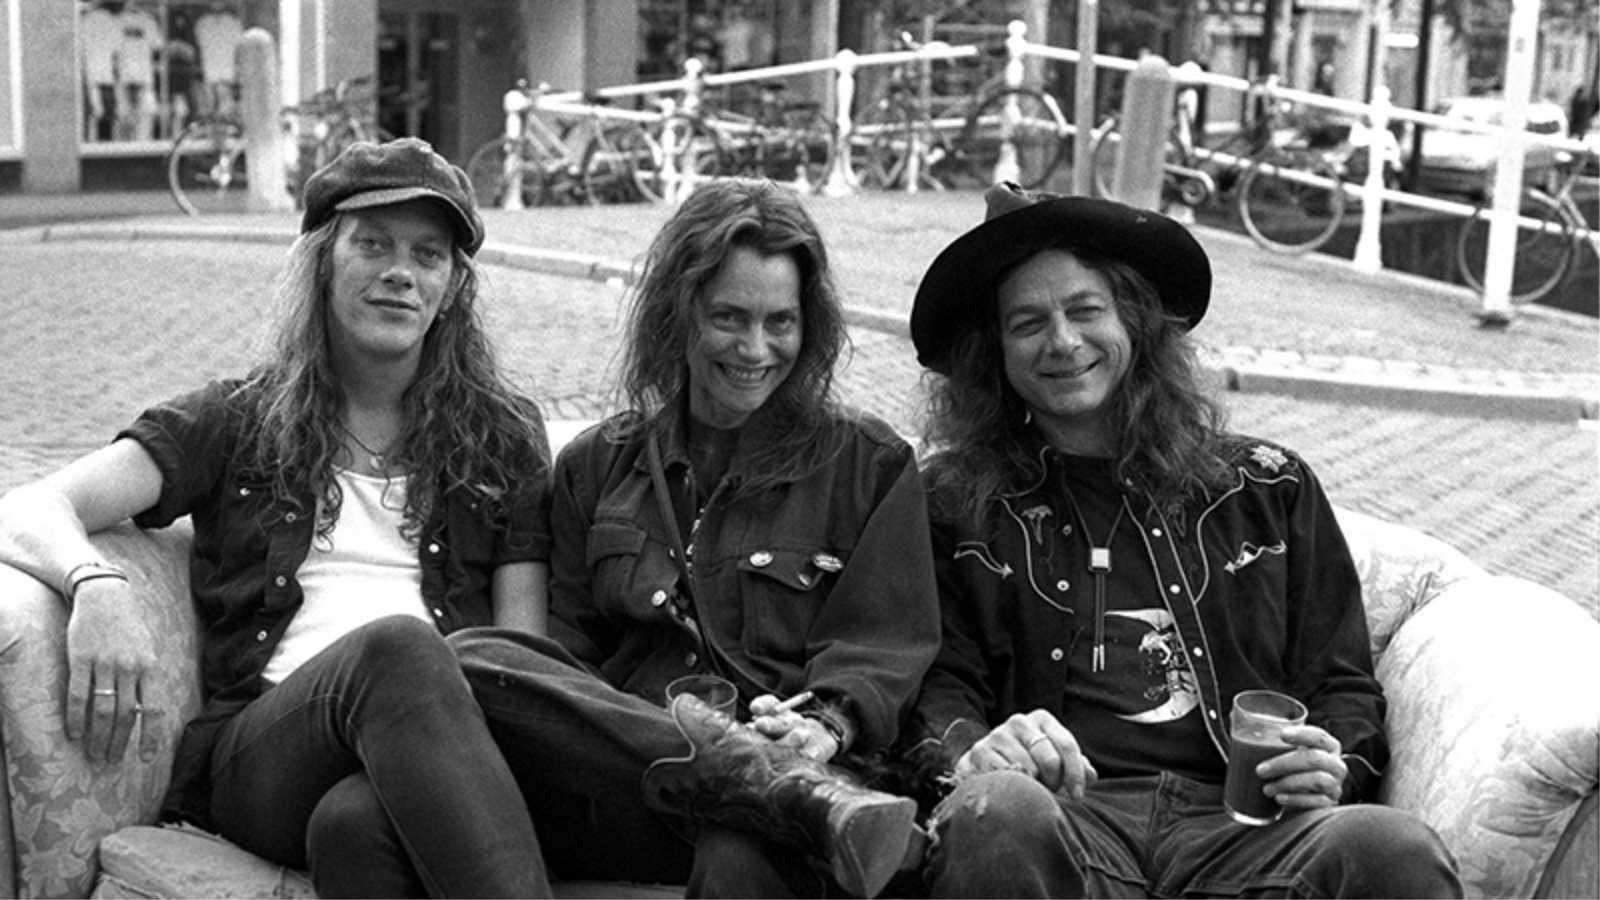 El Sótano - Tributo a Dead Moon, Melodías Funtásticas y pildorazos punk rock - 06/10/20 - escuchar ahora